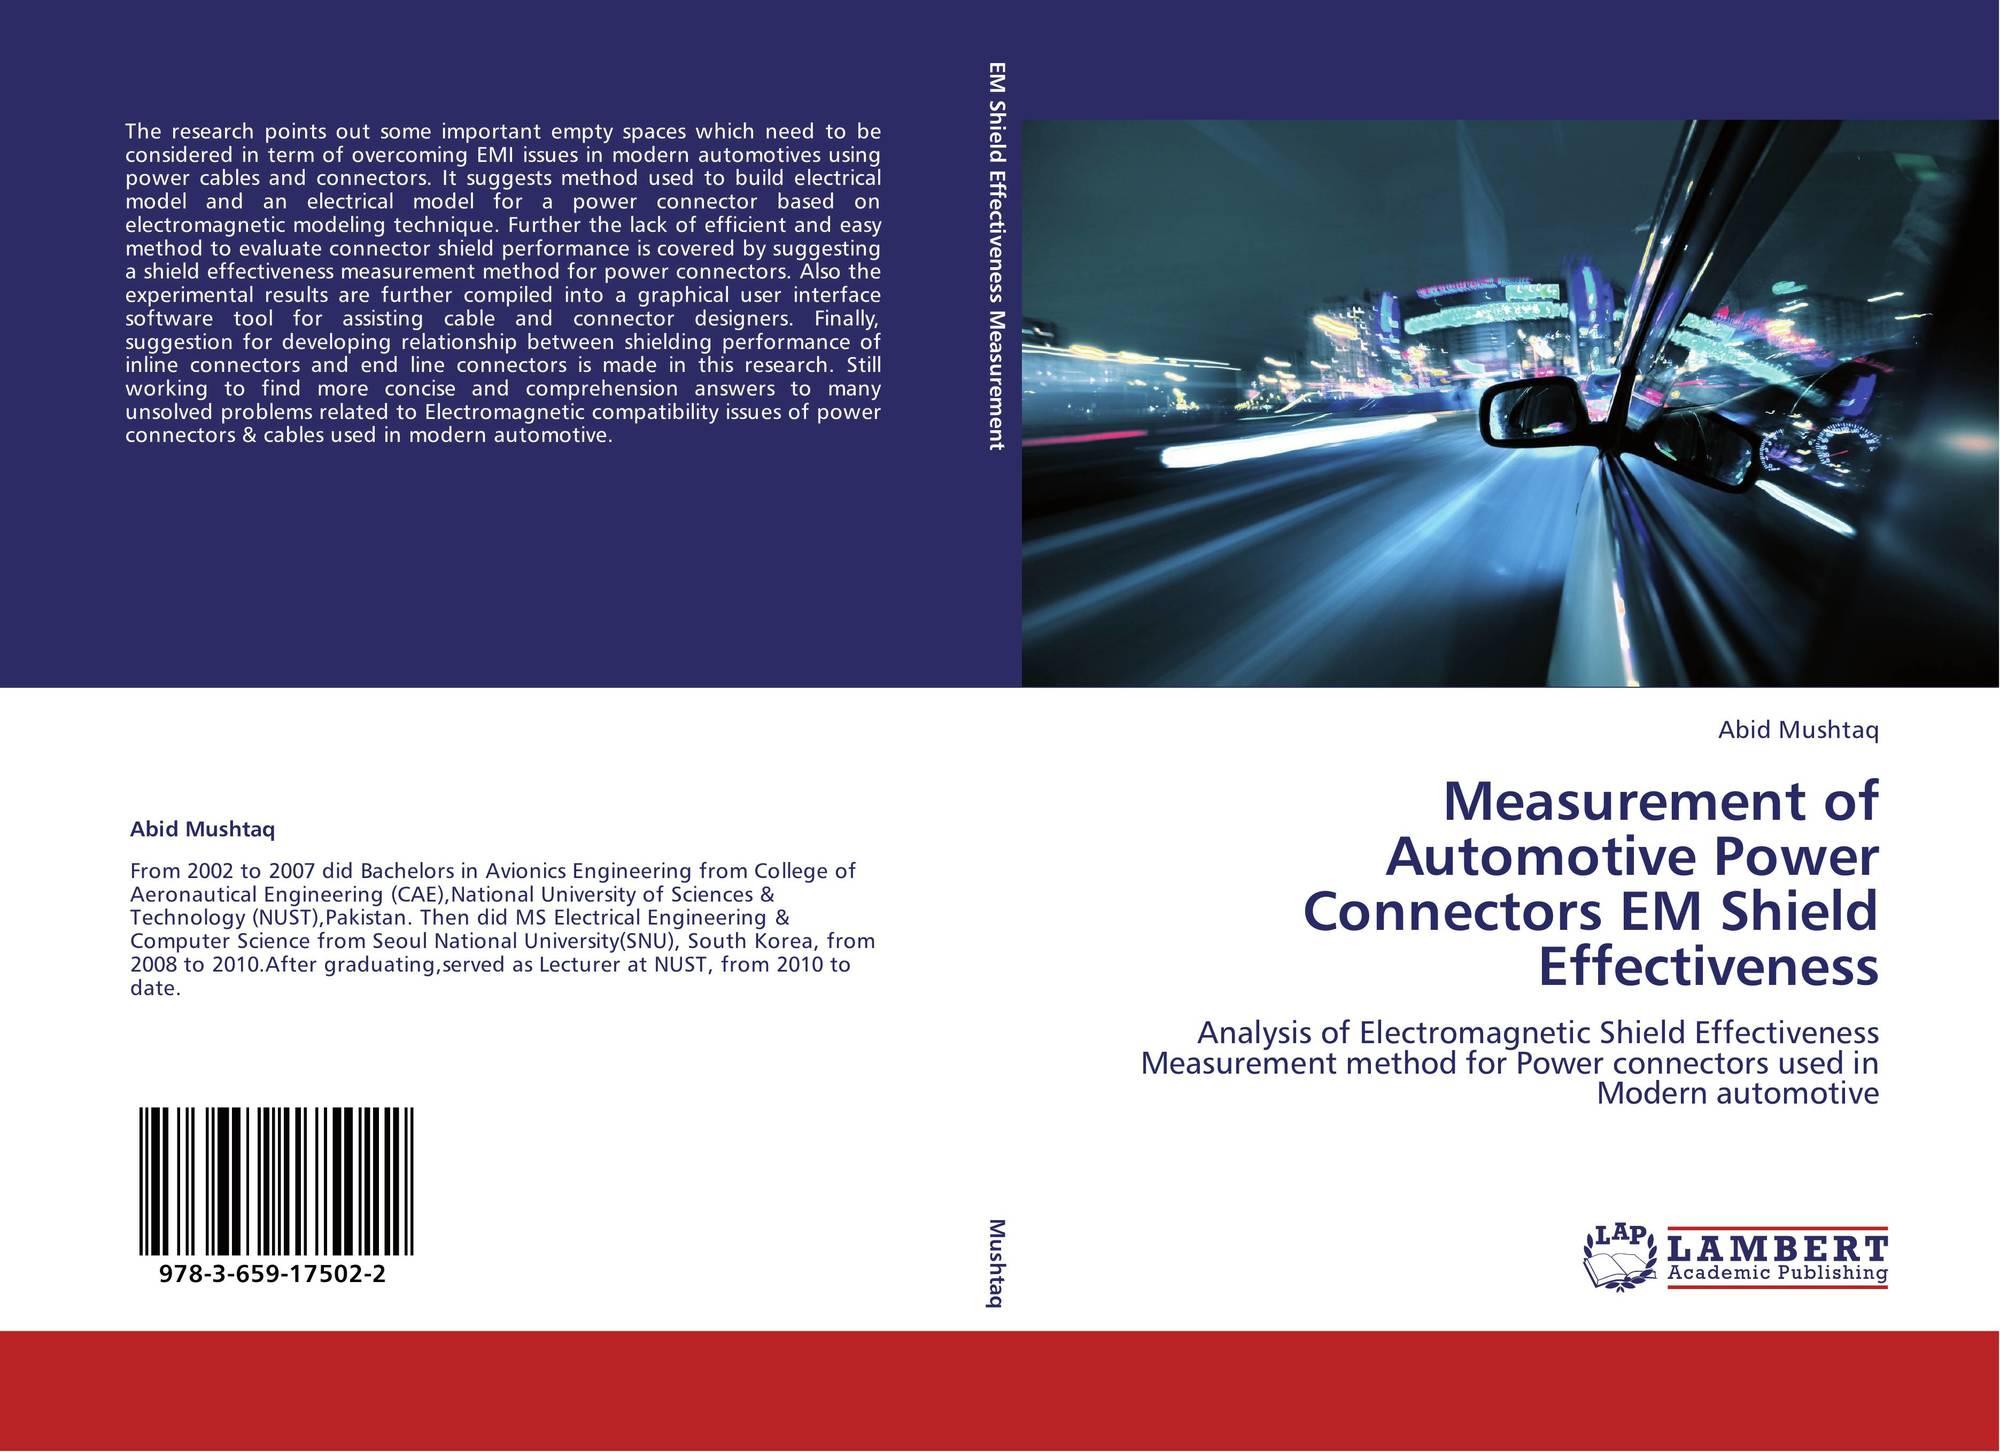 Measurement Of Automotive Power Connectors Em Shield